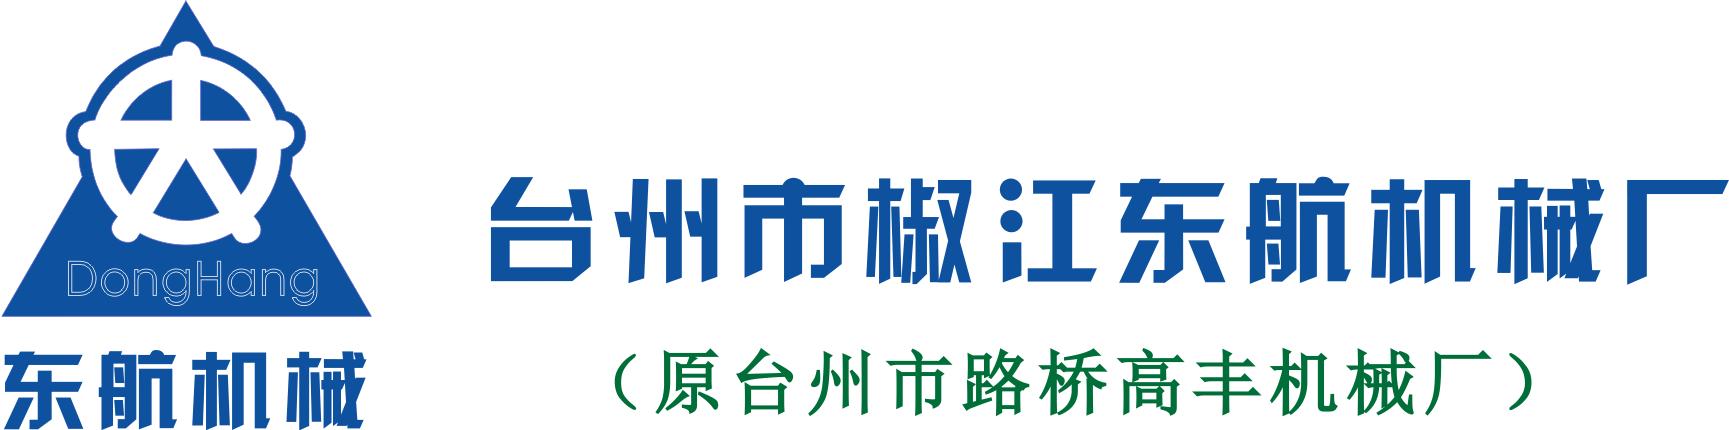 台州市椒江东航机械厂(原台州市路桥高丰农械厂)